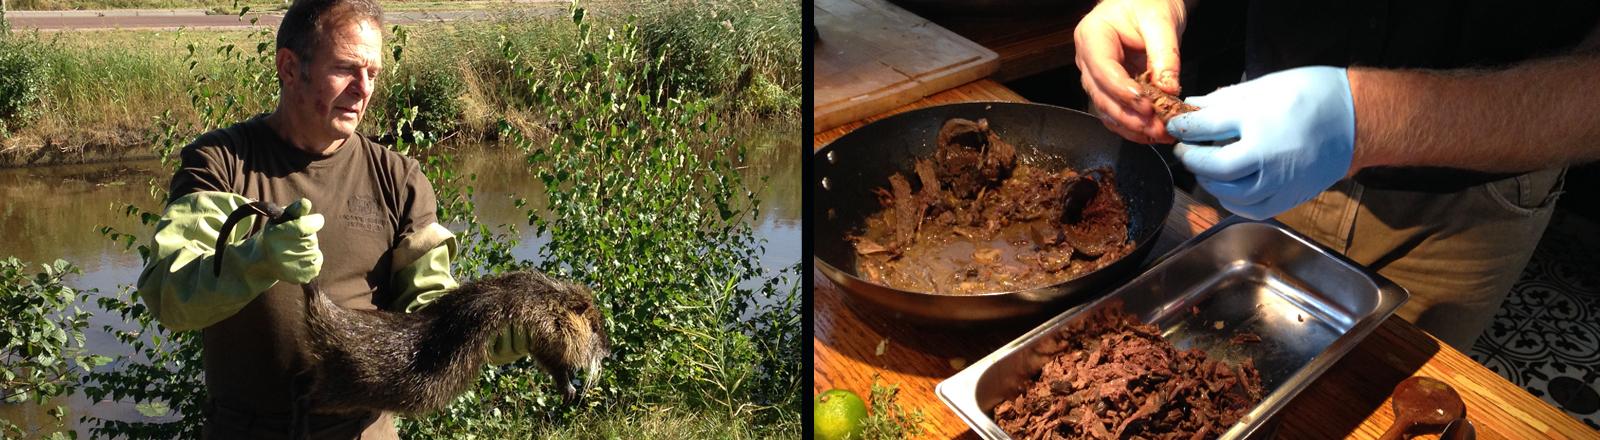 Die Küche der unerwünschten Tiere ist ein Kunstprojekt von zwei Holländern, das Tiere zu Mahlzeiten verarbeitet, die normalerweiser weggeschmissen werden. Krähen oder Bisamratten zum Beispiel.